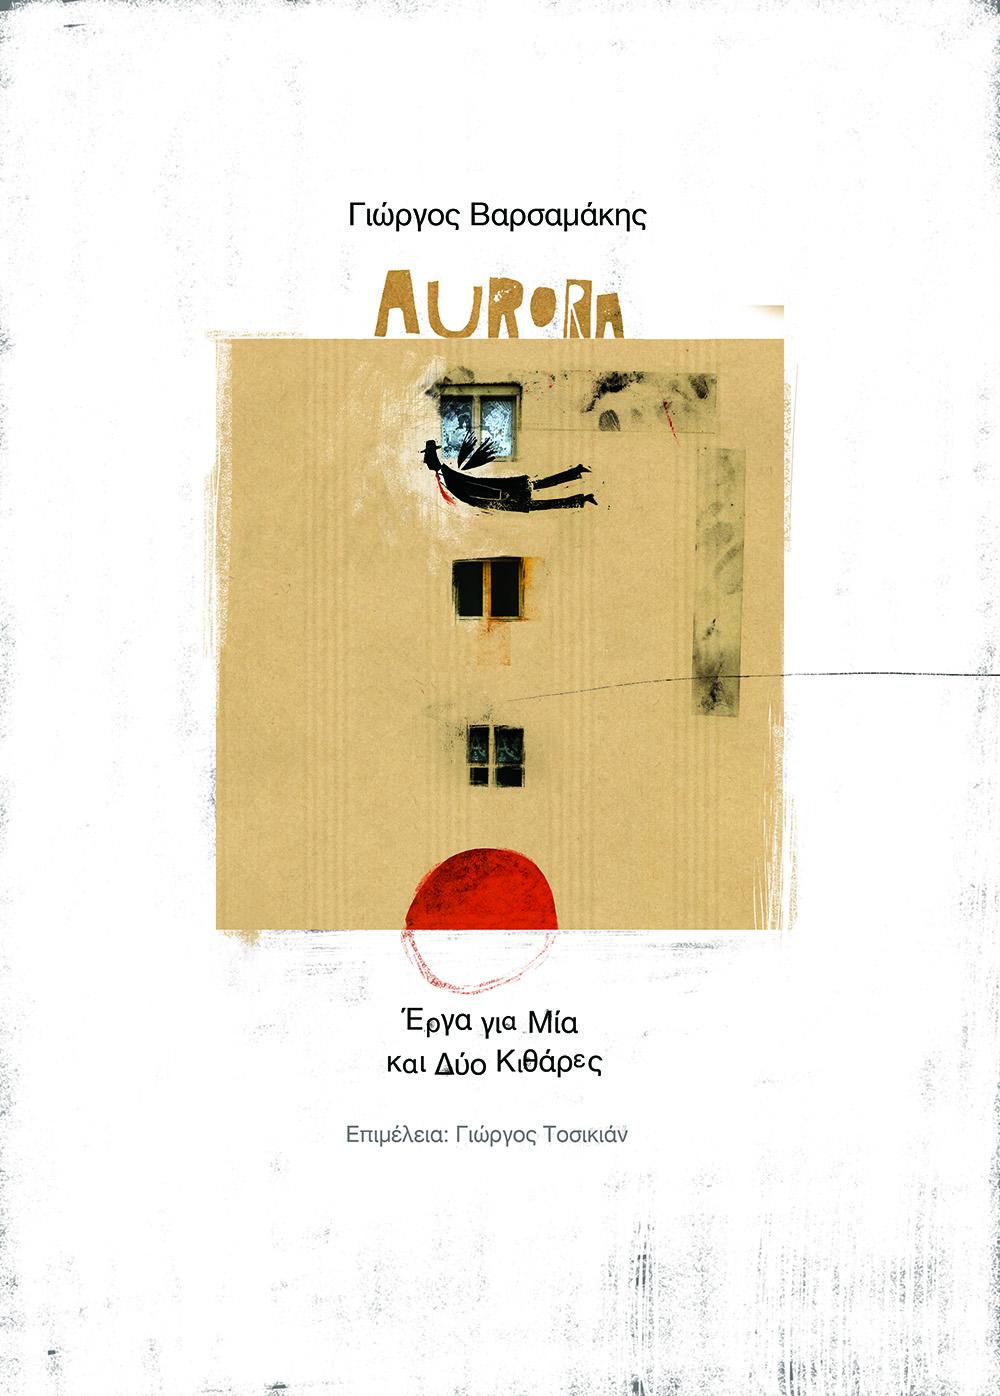 Εντυπες Εκδόσεις Cambia    ρεπερτόριο    Aurora- Γιώργος Βαρσαμάκης ... 18dcf048bfd